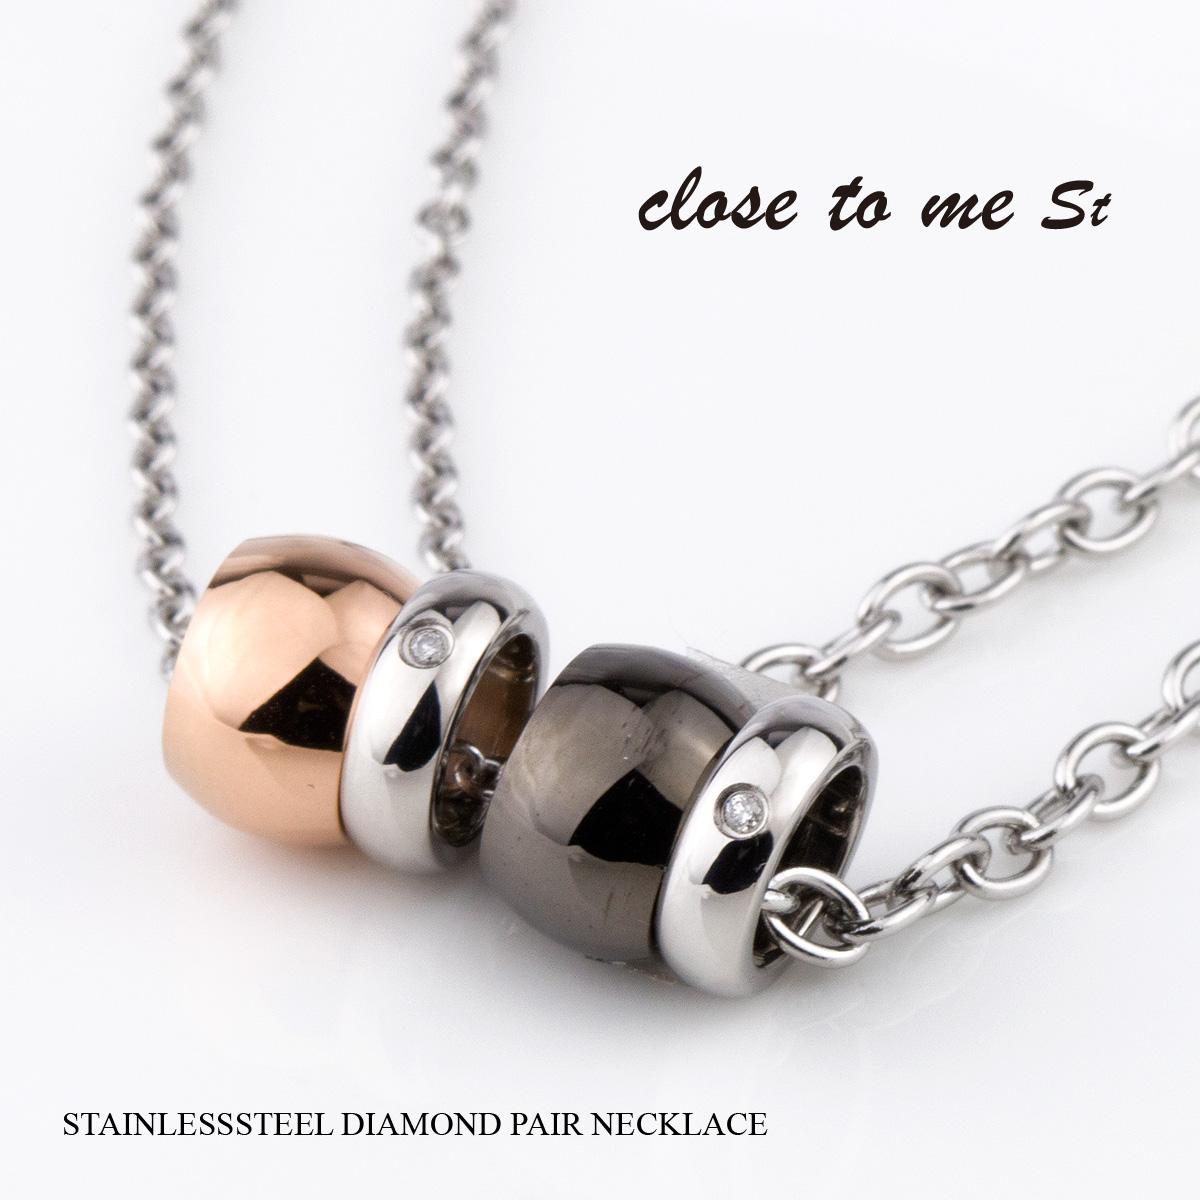 ペアネックレス サージカルステンレス ダイヤモンド ペアネックレス 男女ペア2本セット ペアペンダント Close to me SN11-041(男性用)/SN11-042(女性用) (送料無料)